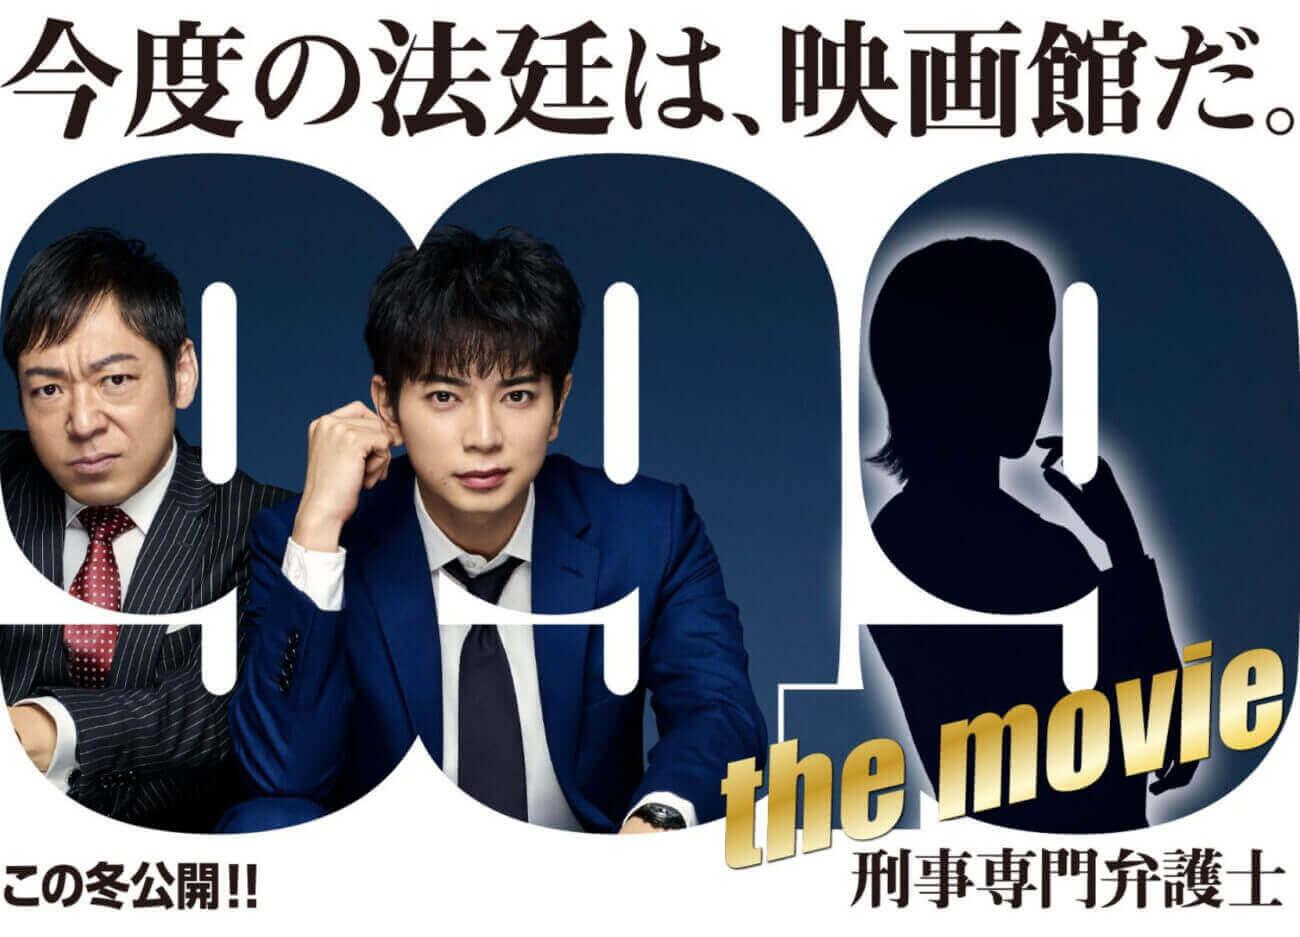 映画「99.9刑事専門弁護士-the movie」